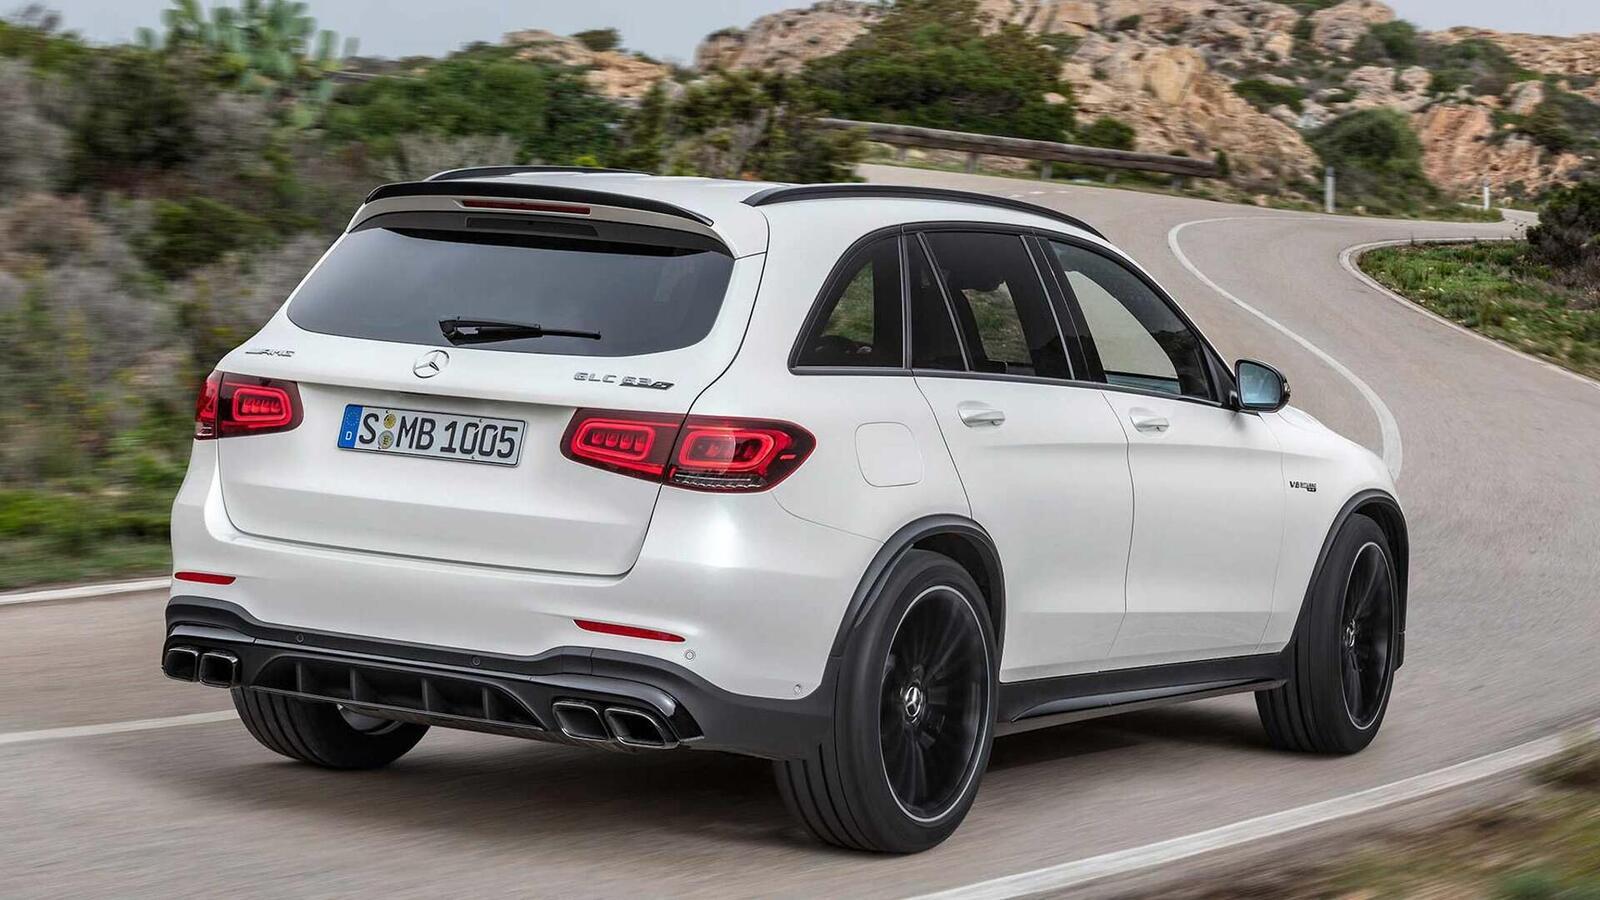 Mercedes-AMG giới thiệu GLC và GLC Coupe 63 mới lắp động cơ V8 4.0L Biturbo mạnh hơn 460 mã lực - Hình 6